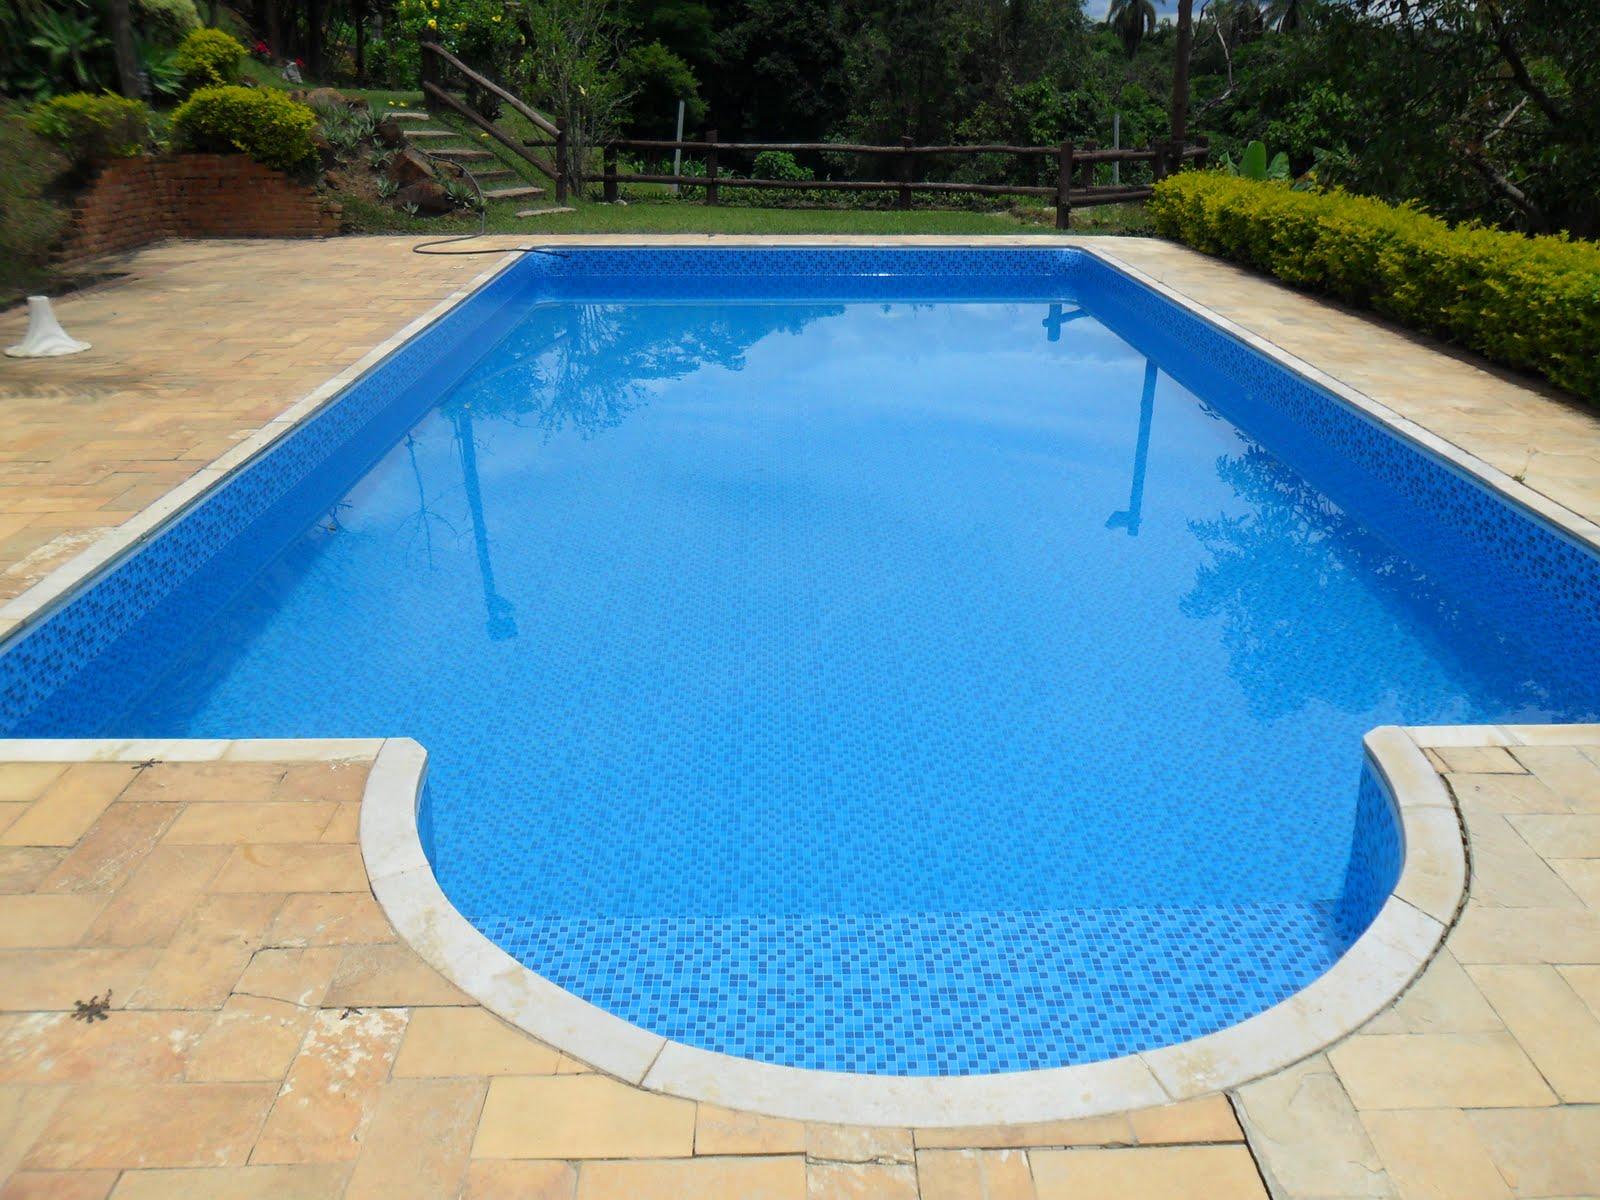 Fortal piscinas fotos de piscinas de vinil for Imagenes de piscinas